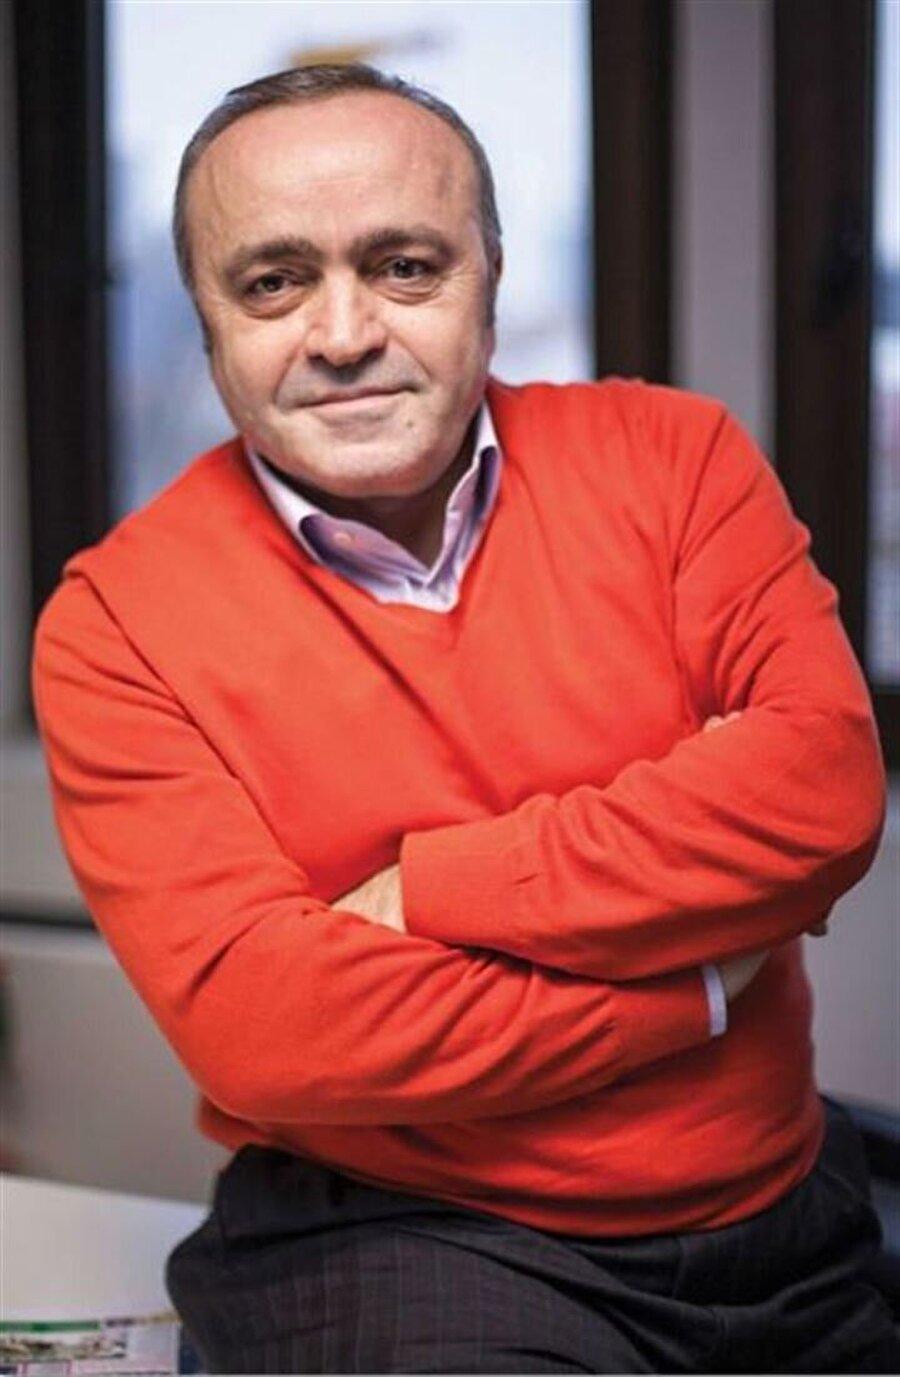 """Ali Eyüboğlu köşesinde yer verdi Usta gazeteci Ali Eyüboğlu, Milliyet'teki köşesinde Caner Erkin'in eşi Şükran Ovalı'nın Müslüm filmini izledikten sonra sütten kesilmesi konusuna yer verdi.    Eyüboğlu'nun """"Şükran Ovalı'yı Sütten Kesti"""" başlıklı yazısı şöyle:""""Seul'de 'Müslüm' sinema üzerine sohbet ettiğimiz Mustafa Uslu, oyuncu Şükran Ovalı'nın filmi izledikten sonra başına geleni şöyle anlattı: """"Caner Erkin ve Şükran Ovalı'yla ailece görüşüyoruz. Şükran, 'Müslüm'ü izlemek istediğinde ona, focus gruplardan çocuk emziren kadınların sütten kesildiğini söyledim. Ama o, 'Benim oyuncu olduğumu unutuyorsun galiba' diye itiraz etti. Birlikte filmi izledik. Şükran ertesi gün eşim Sinem'i arayıp, sütten kesildiğini, o yüzden doktora gideceğini söyledi."""""""